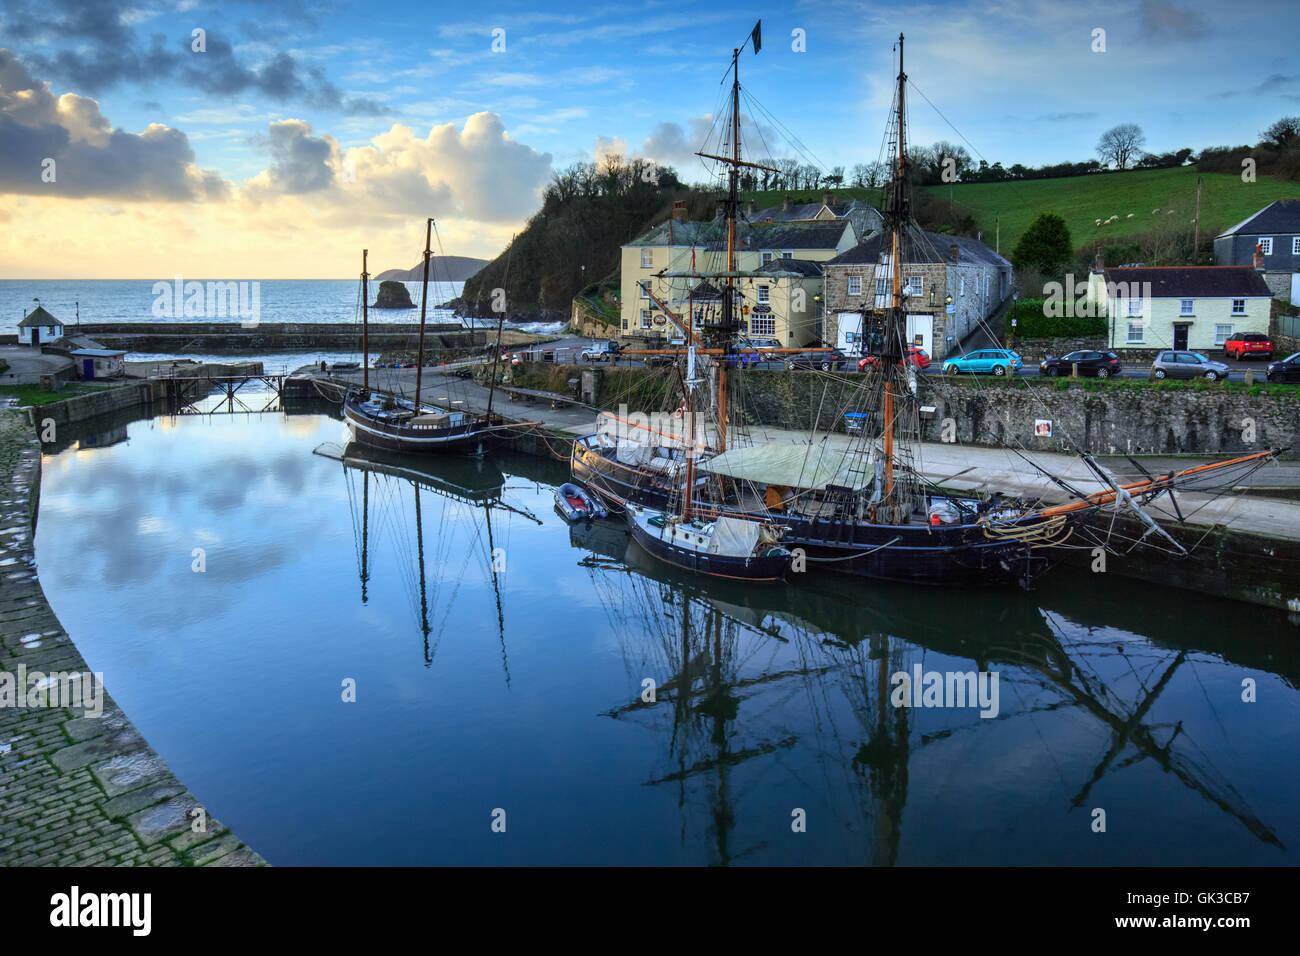 Tall navi catturate a sunrise in Charlestown Harbour Immagini Stock